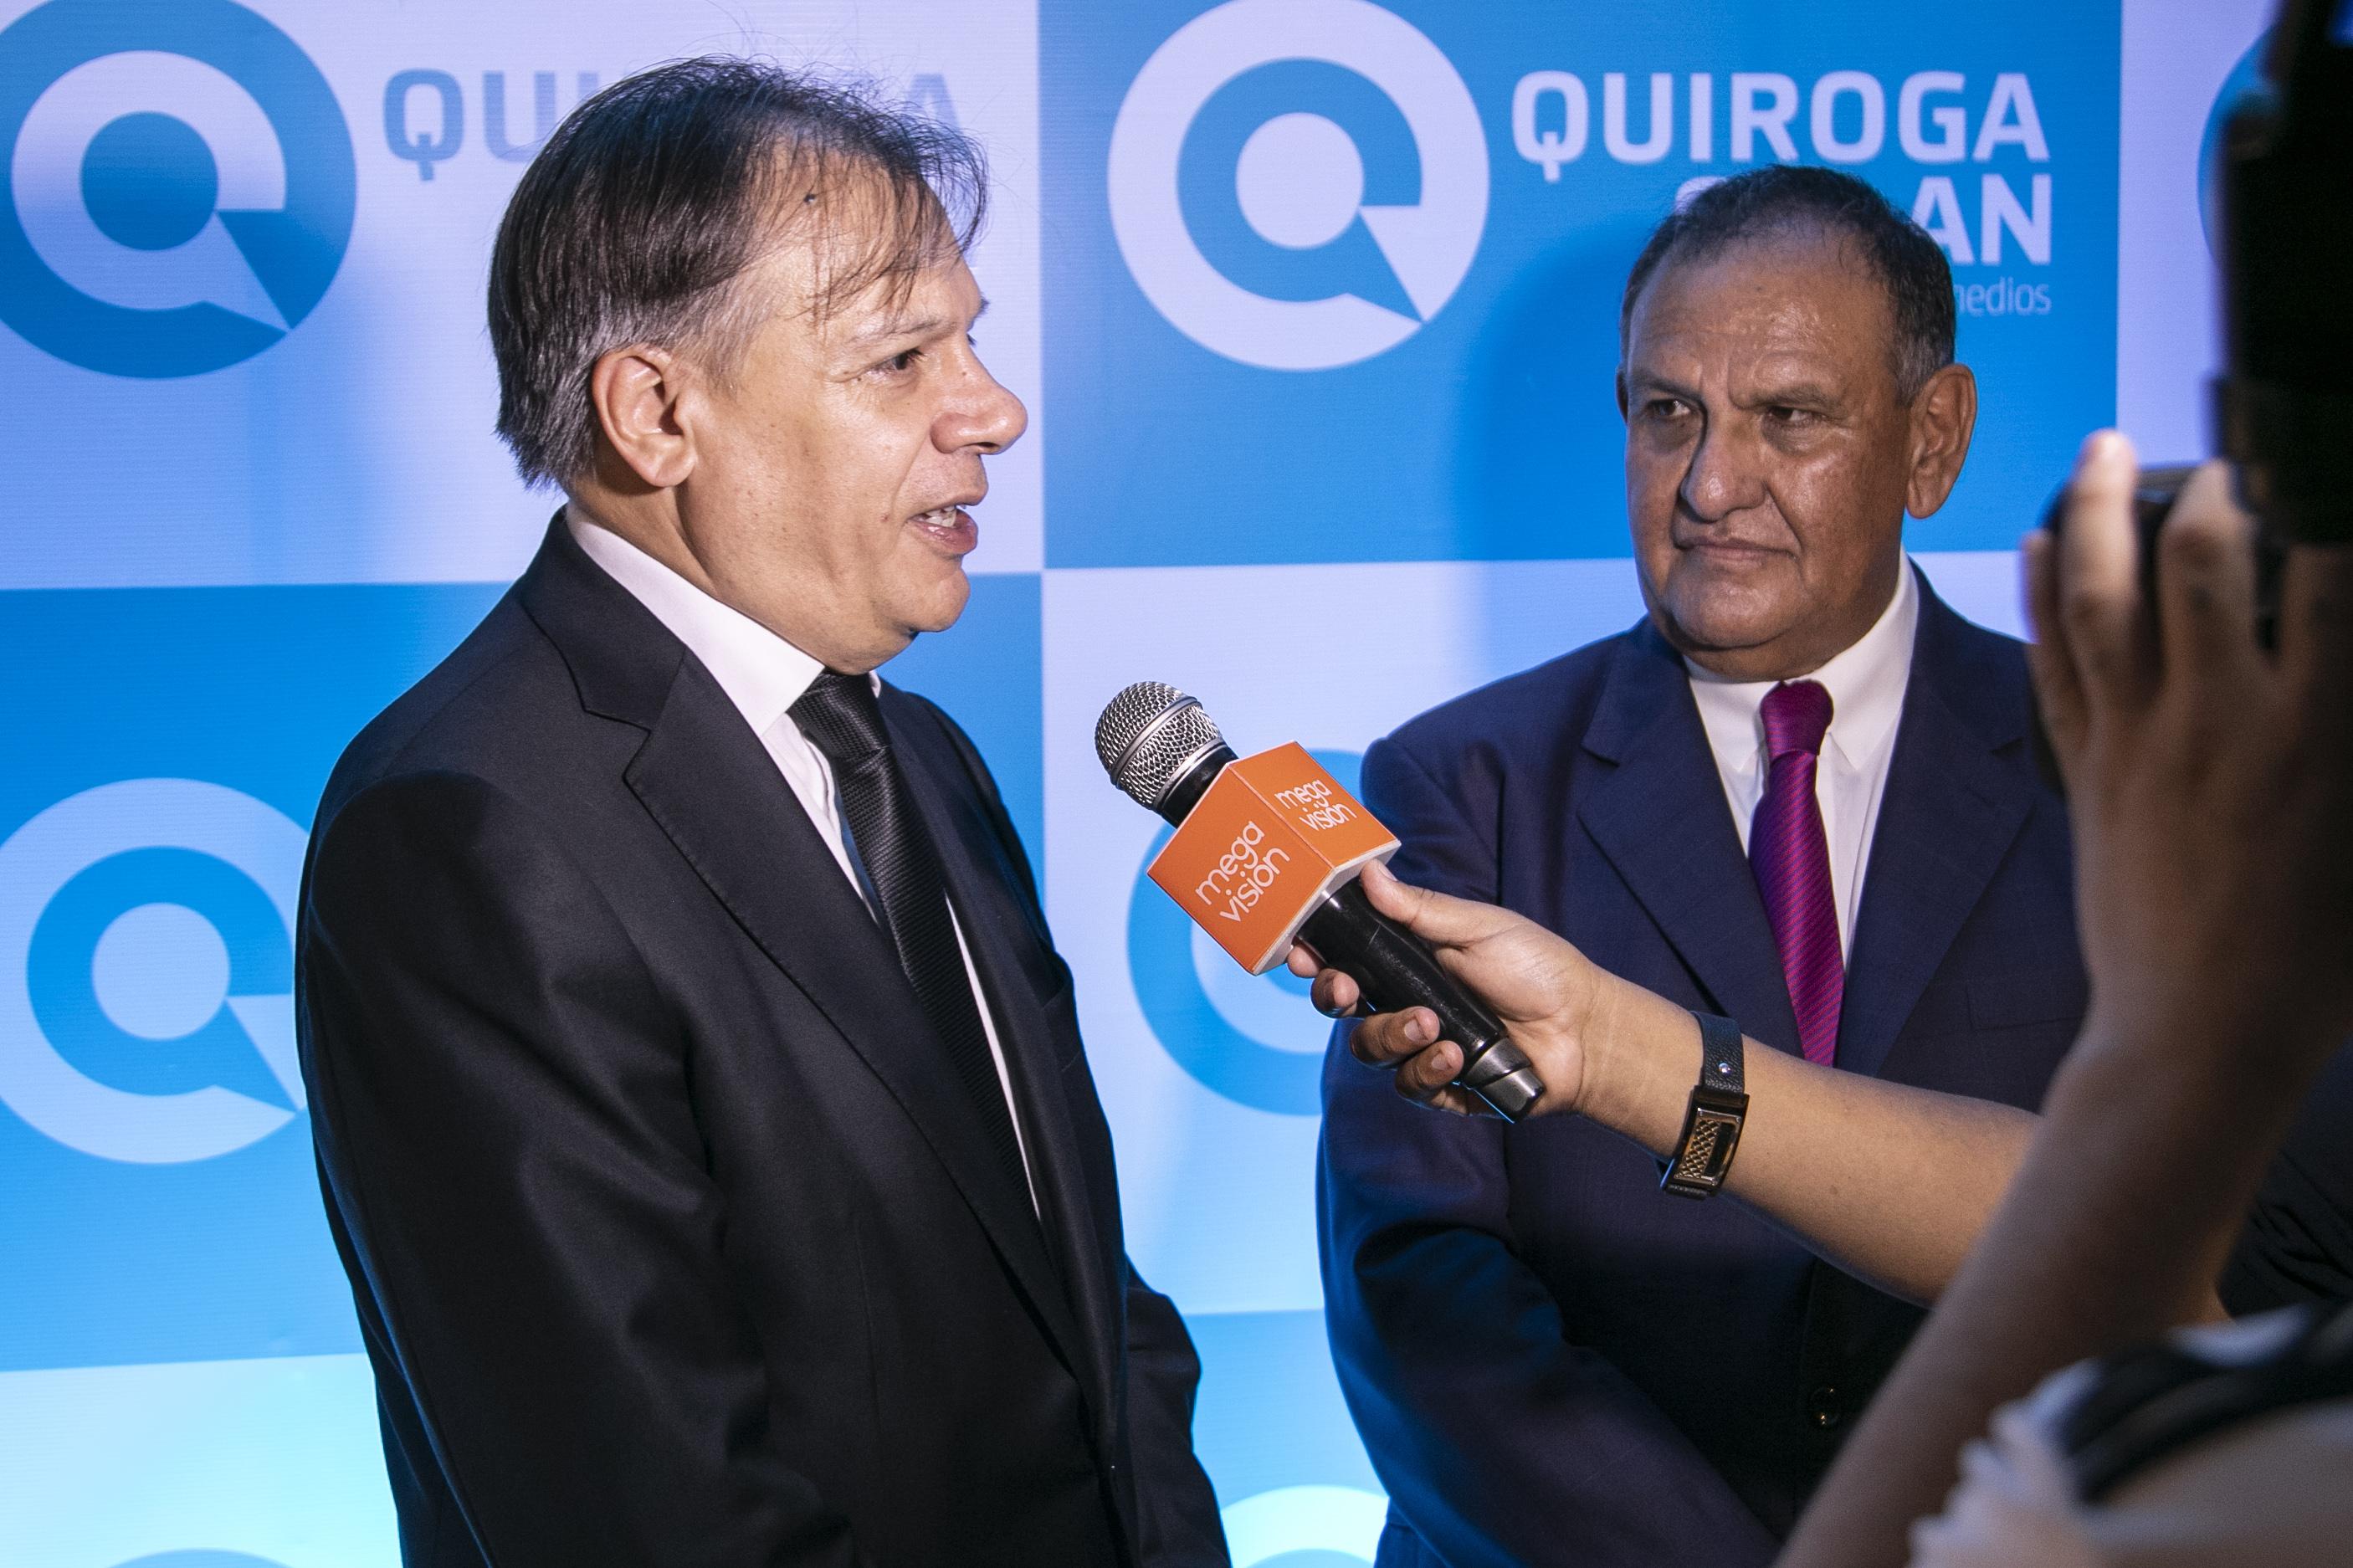 """Juan Ortega Landa: """"Nos aliamos con Quiroga Medios para revolucionar el mercado de la inversión publicitaria"""